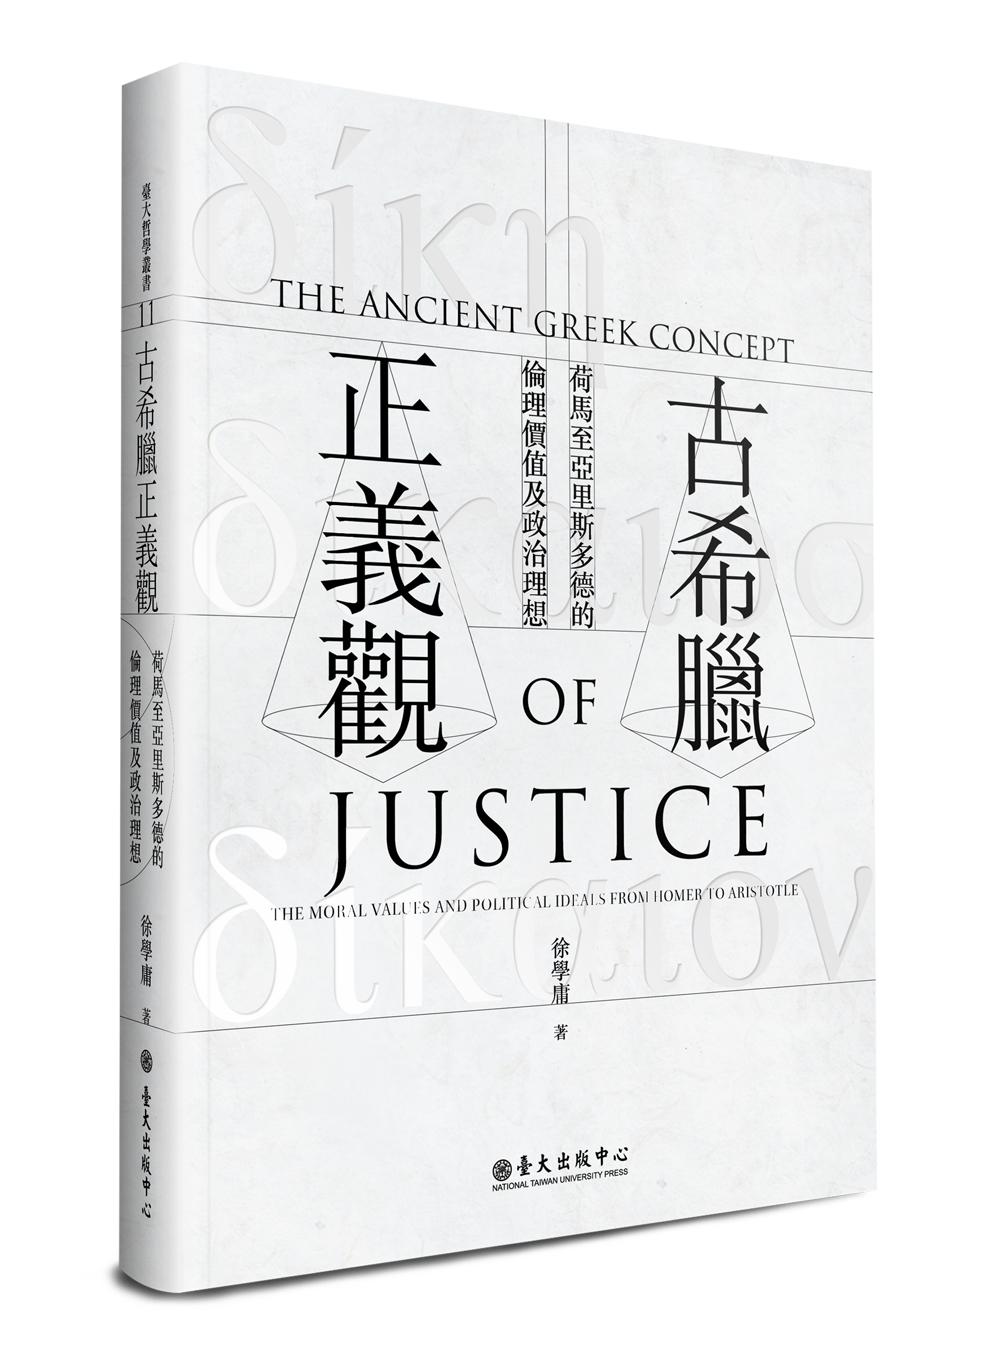 古希臘正義觀──荷馬至亞里斯多德的倫理價值及政治理想